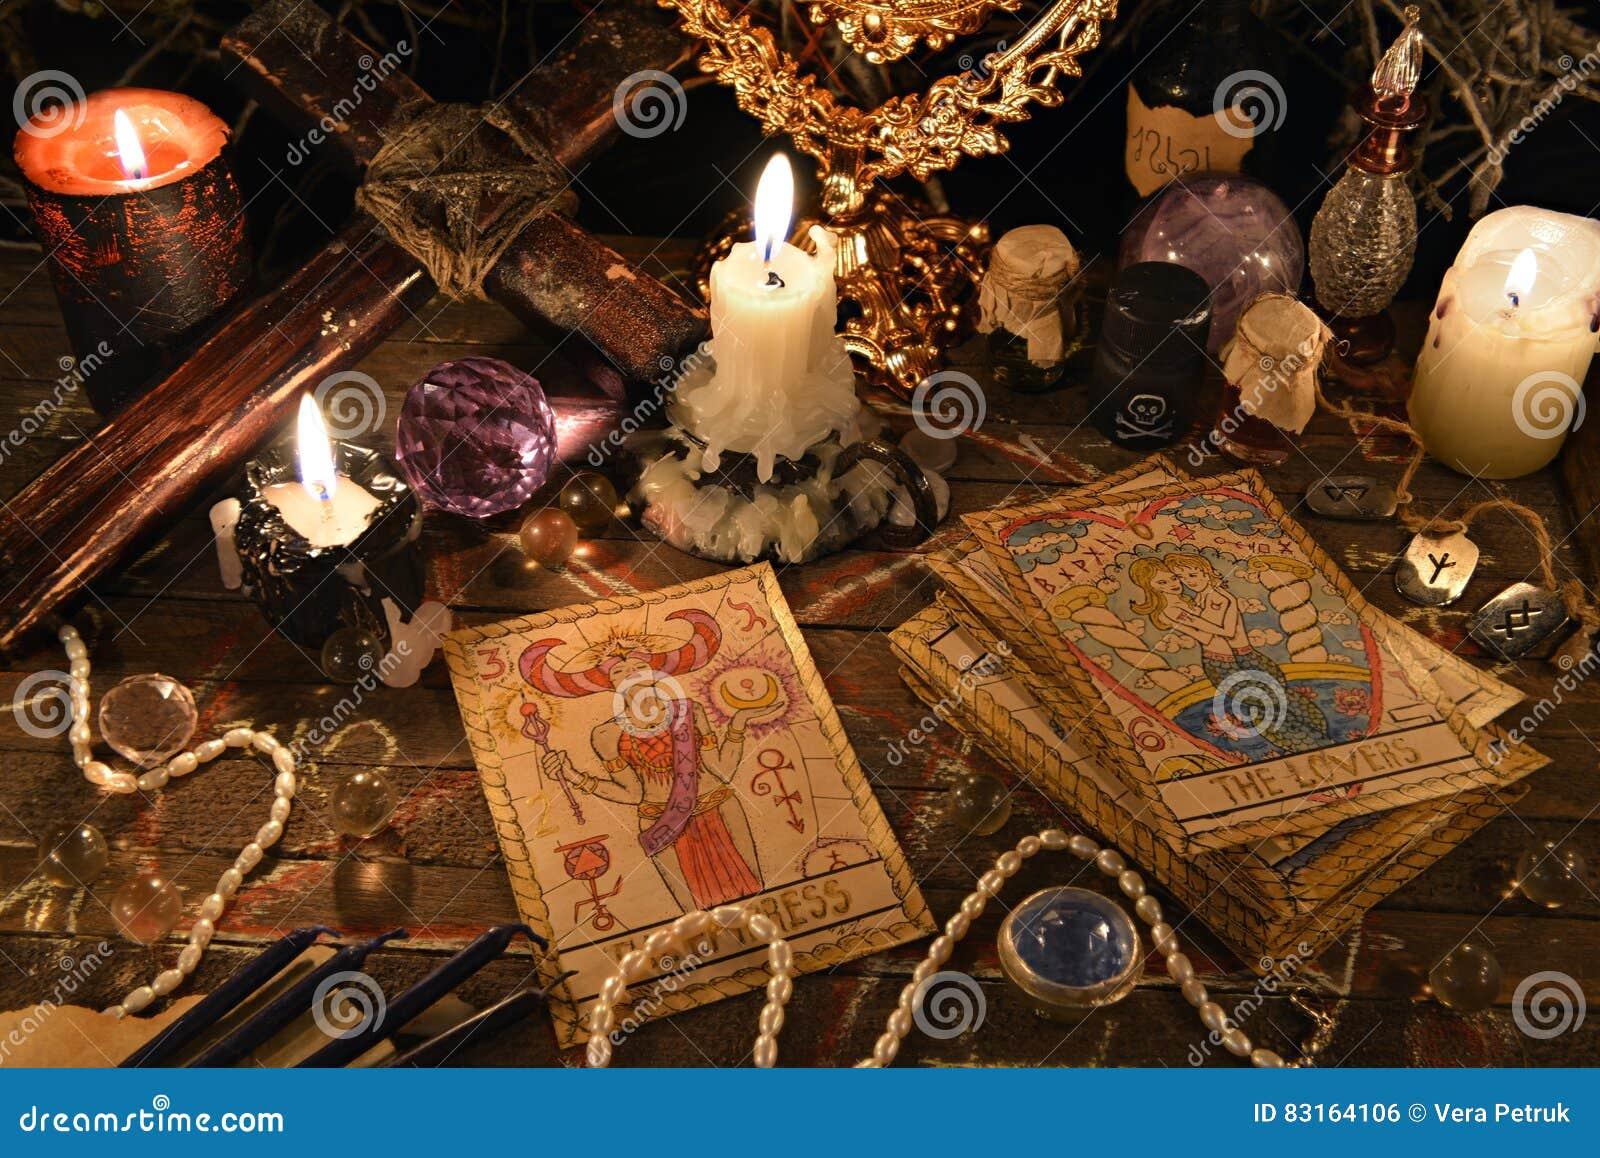 Ritual místico con las cartas de tarot, los objetos mágicos y las velas